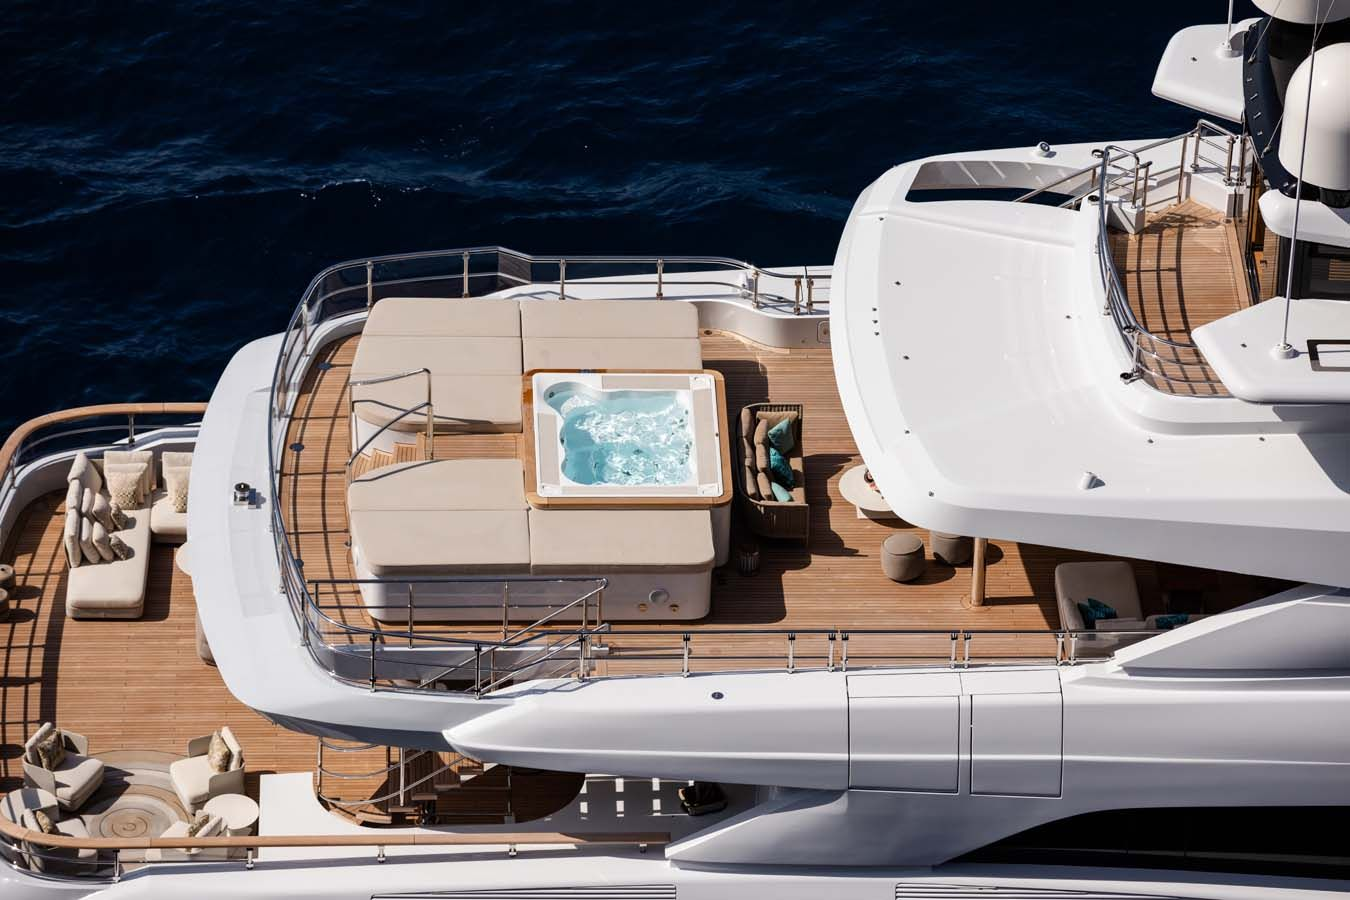 El yate de lujo Metis en Ibiza